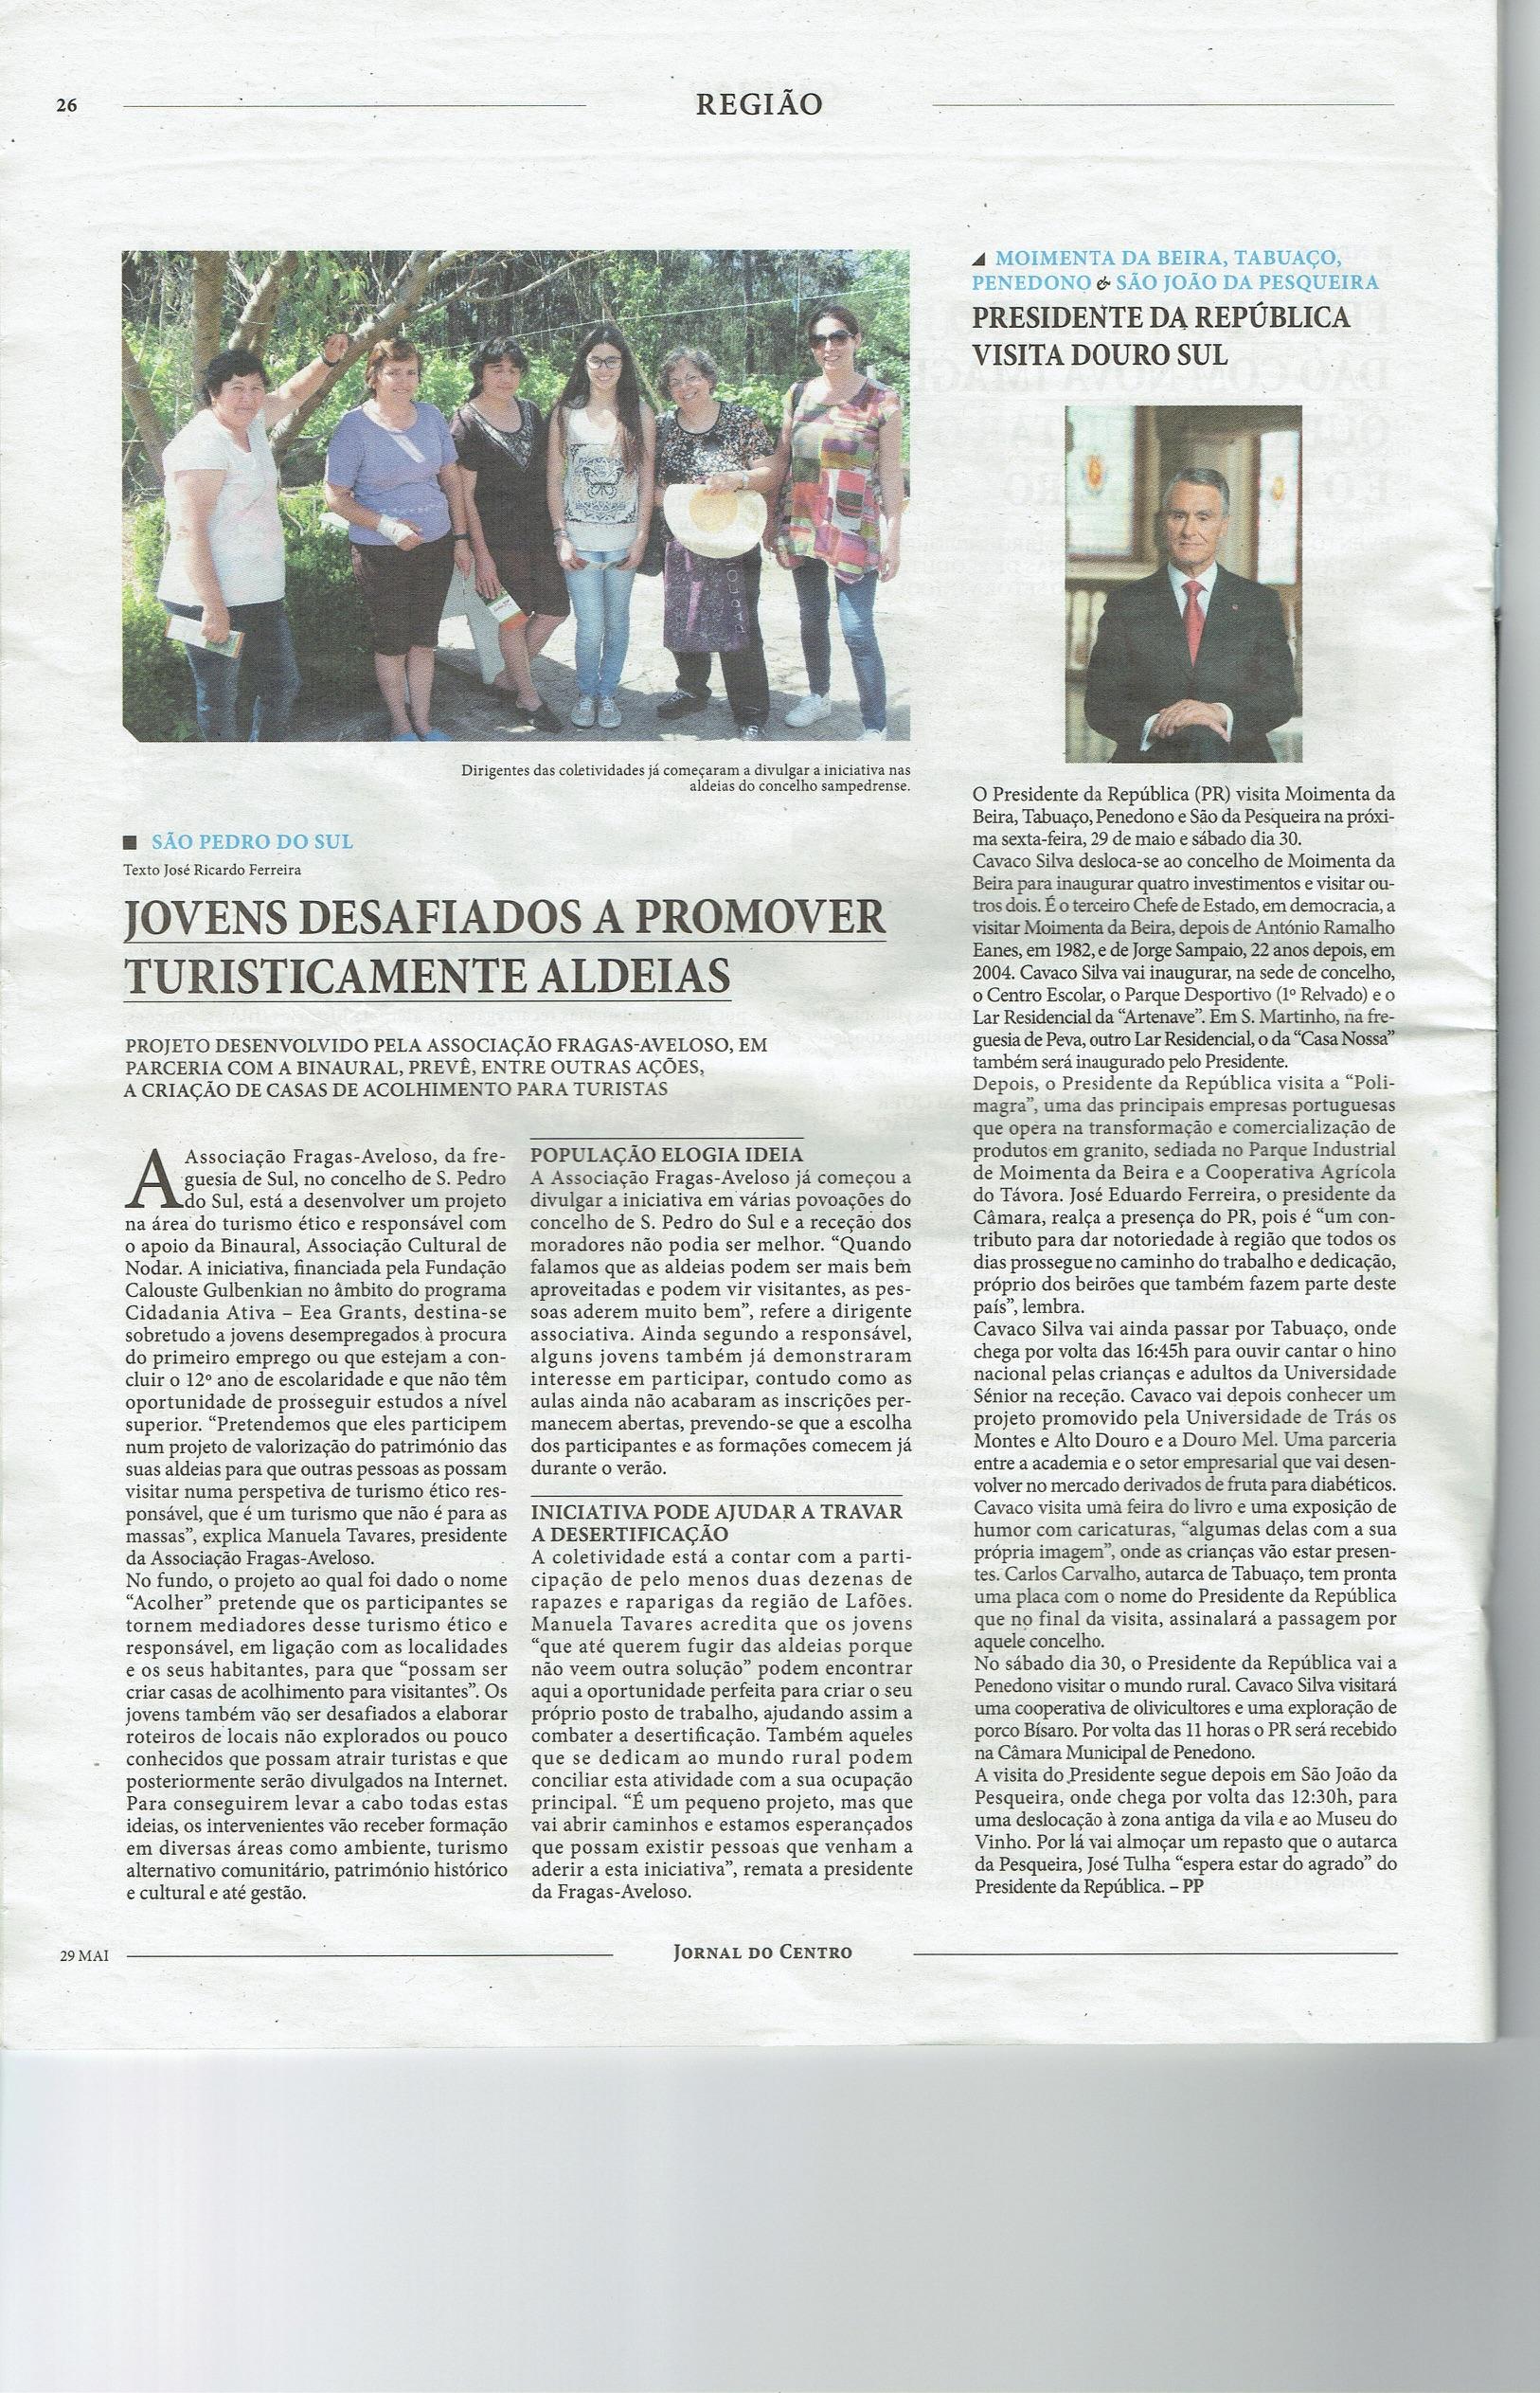 JORNAL DO CENTRO DIGITALIZADO